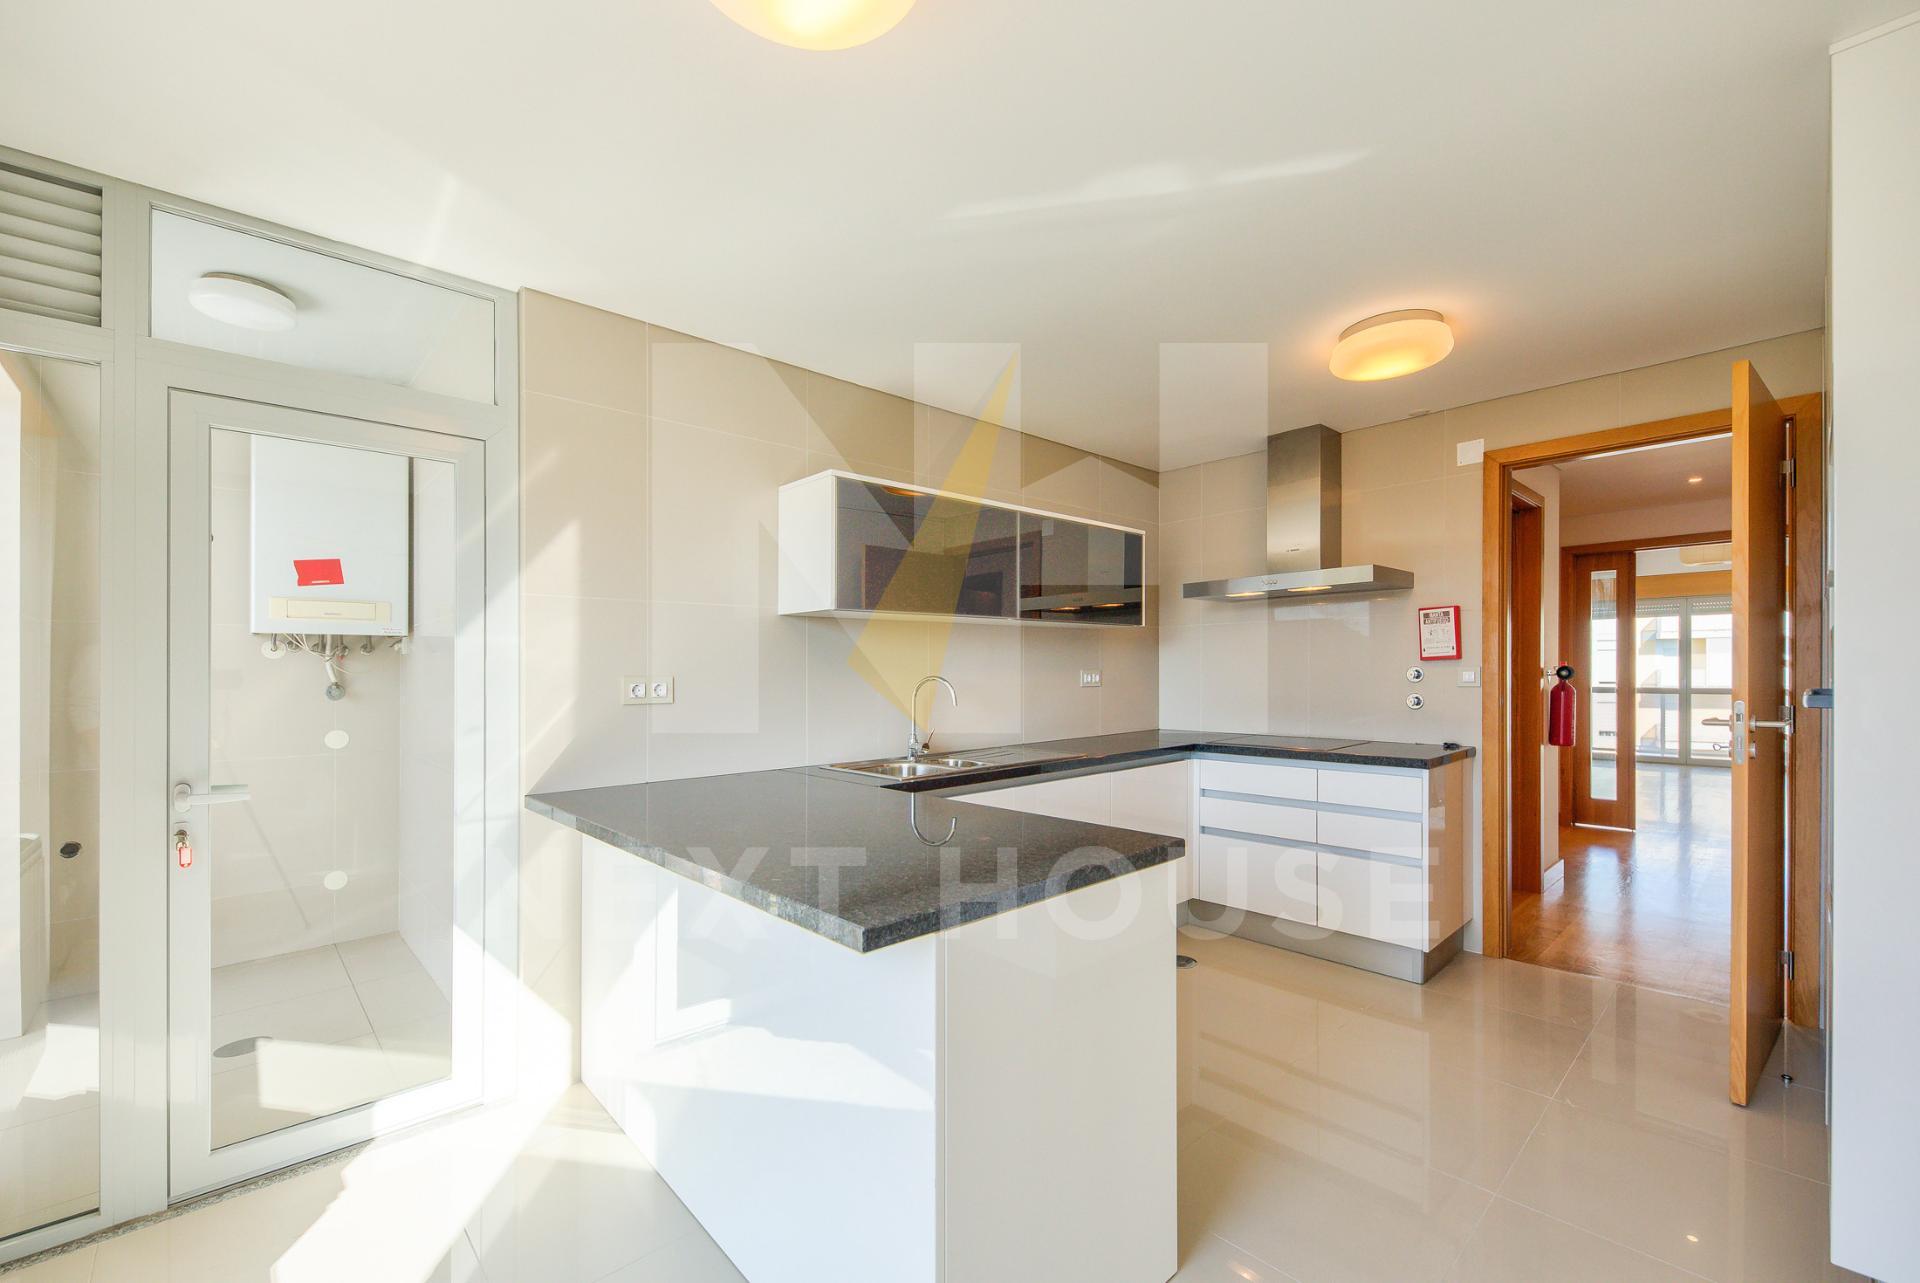 Apartamento T4 no centro de Aveiro  - Aveiro, UDF De Glória E Vera Cruz